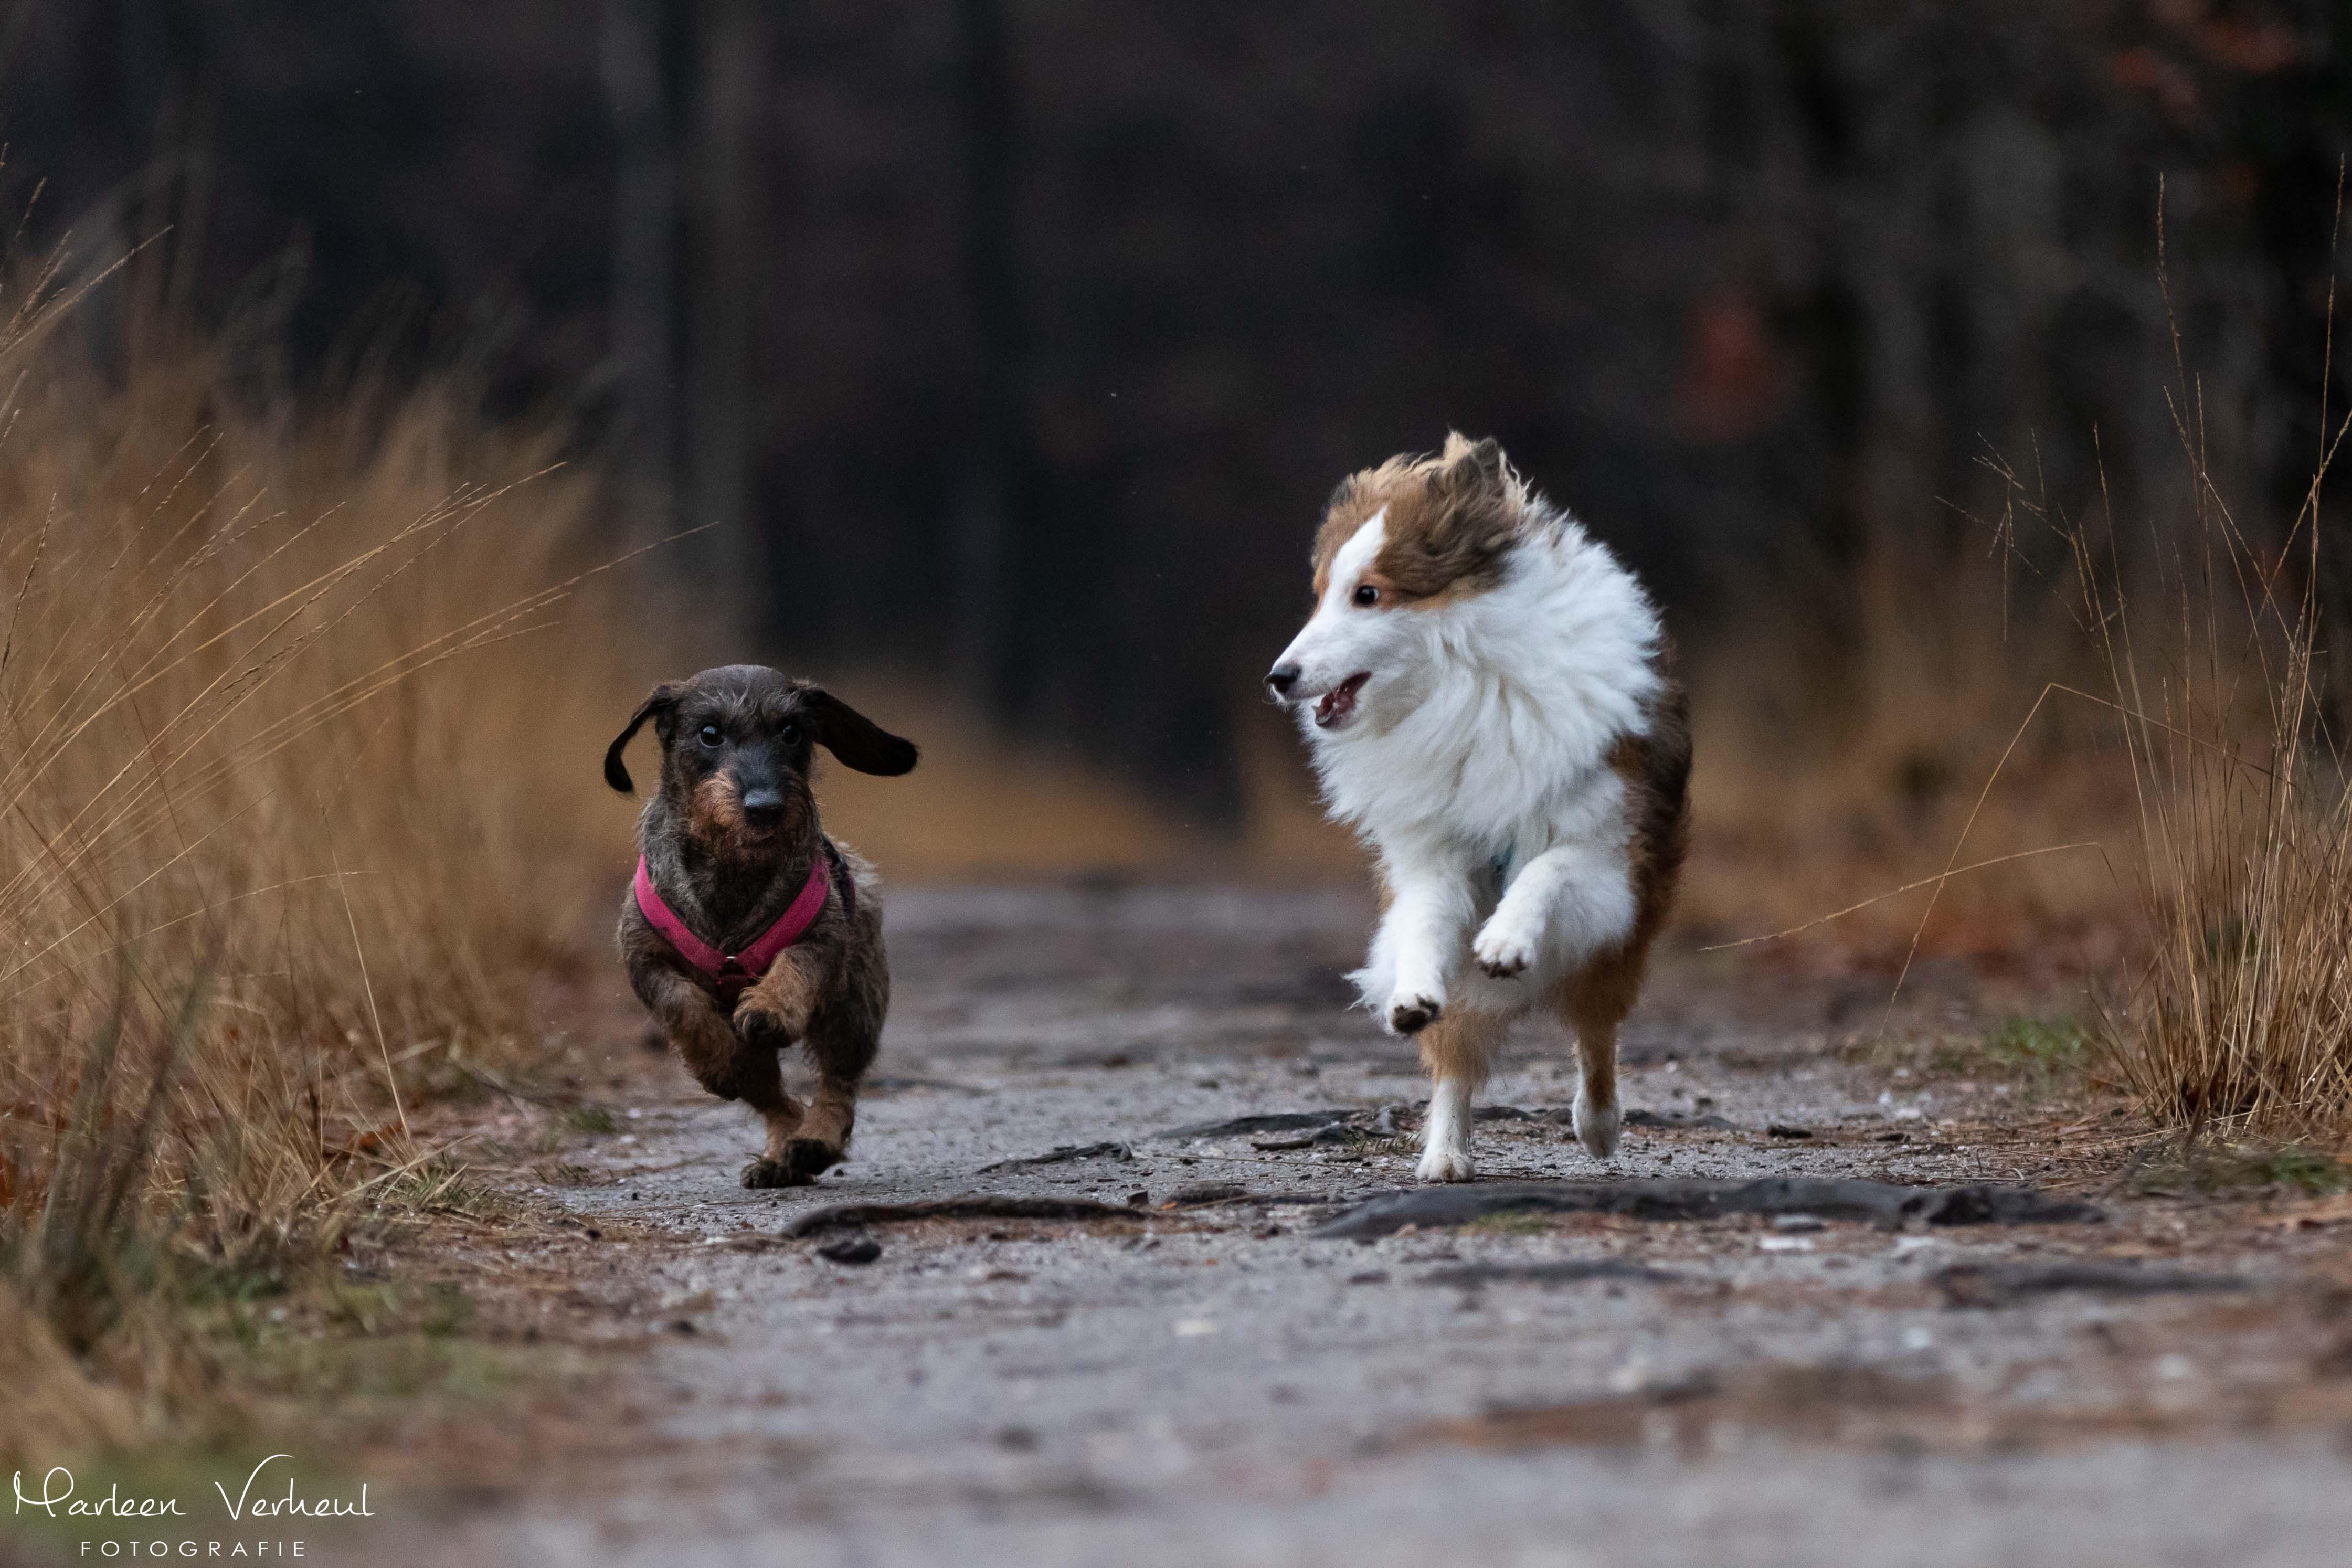 Teckel en Sheltie in het bos aan het rennen